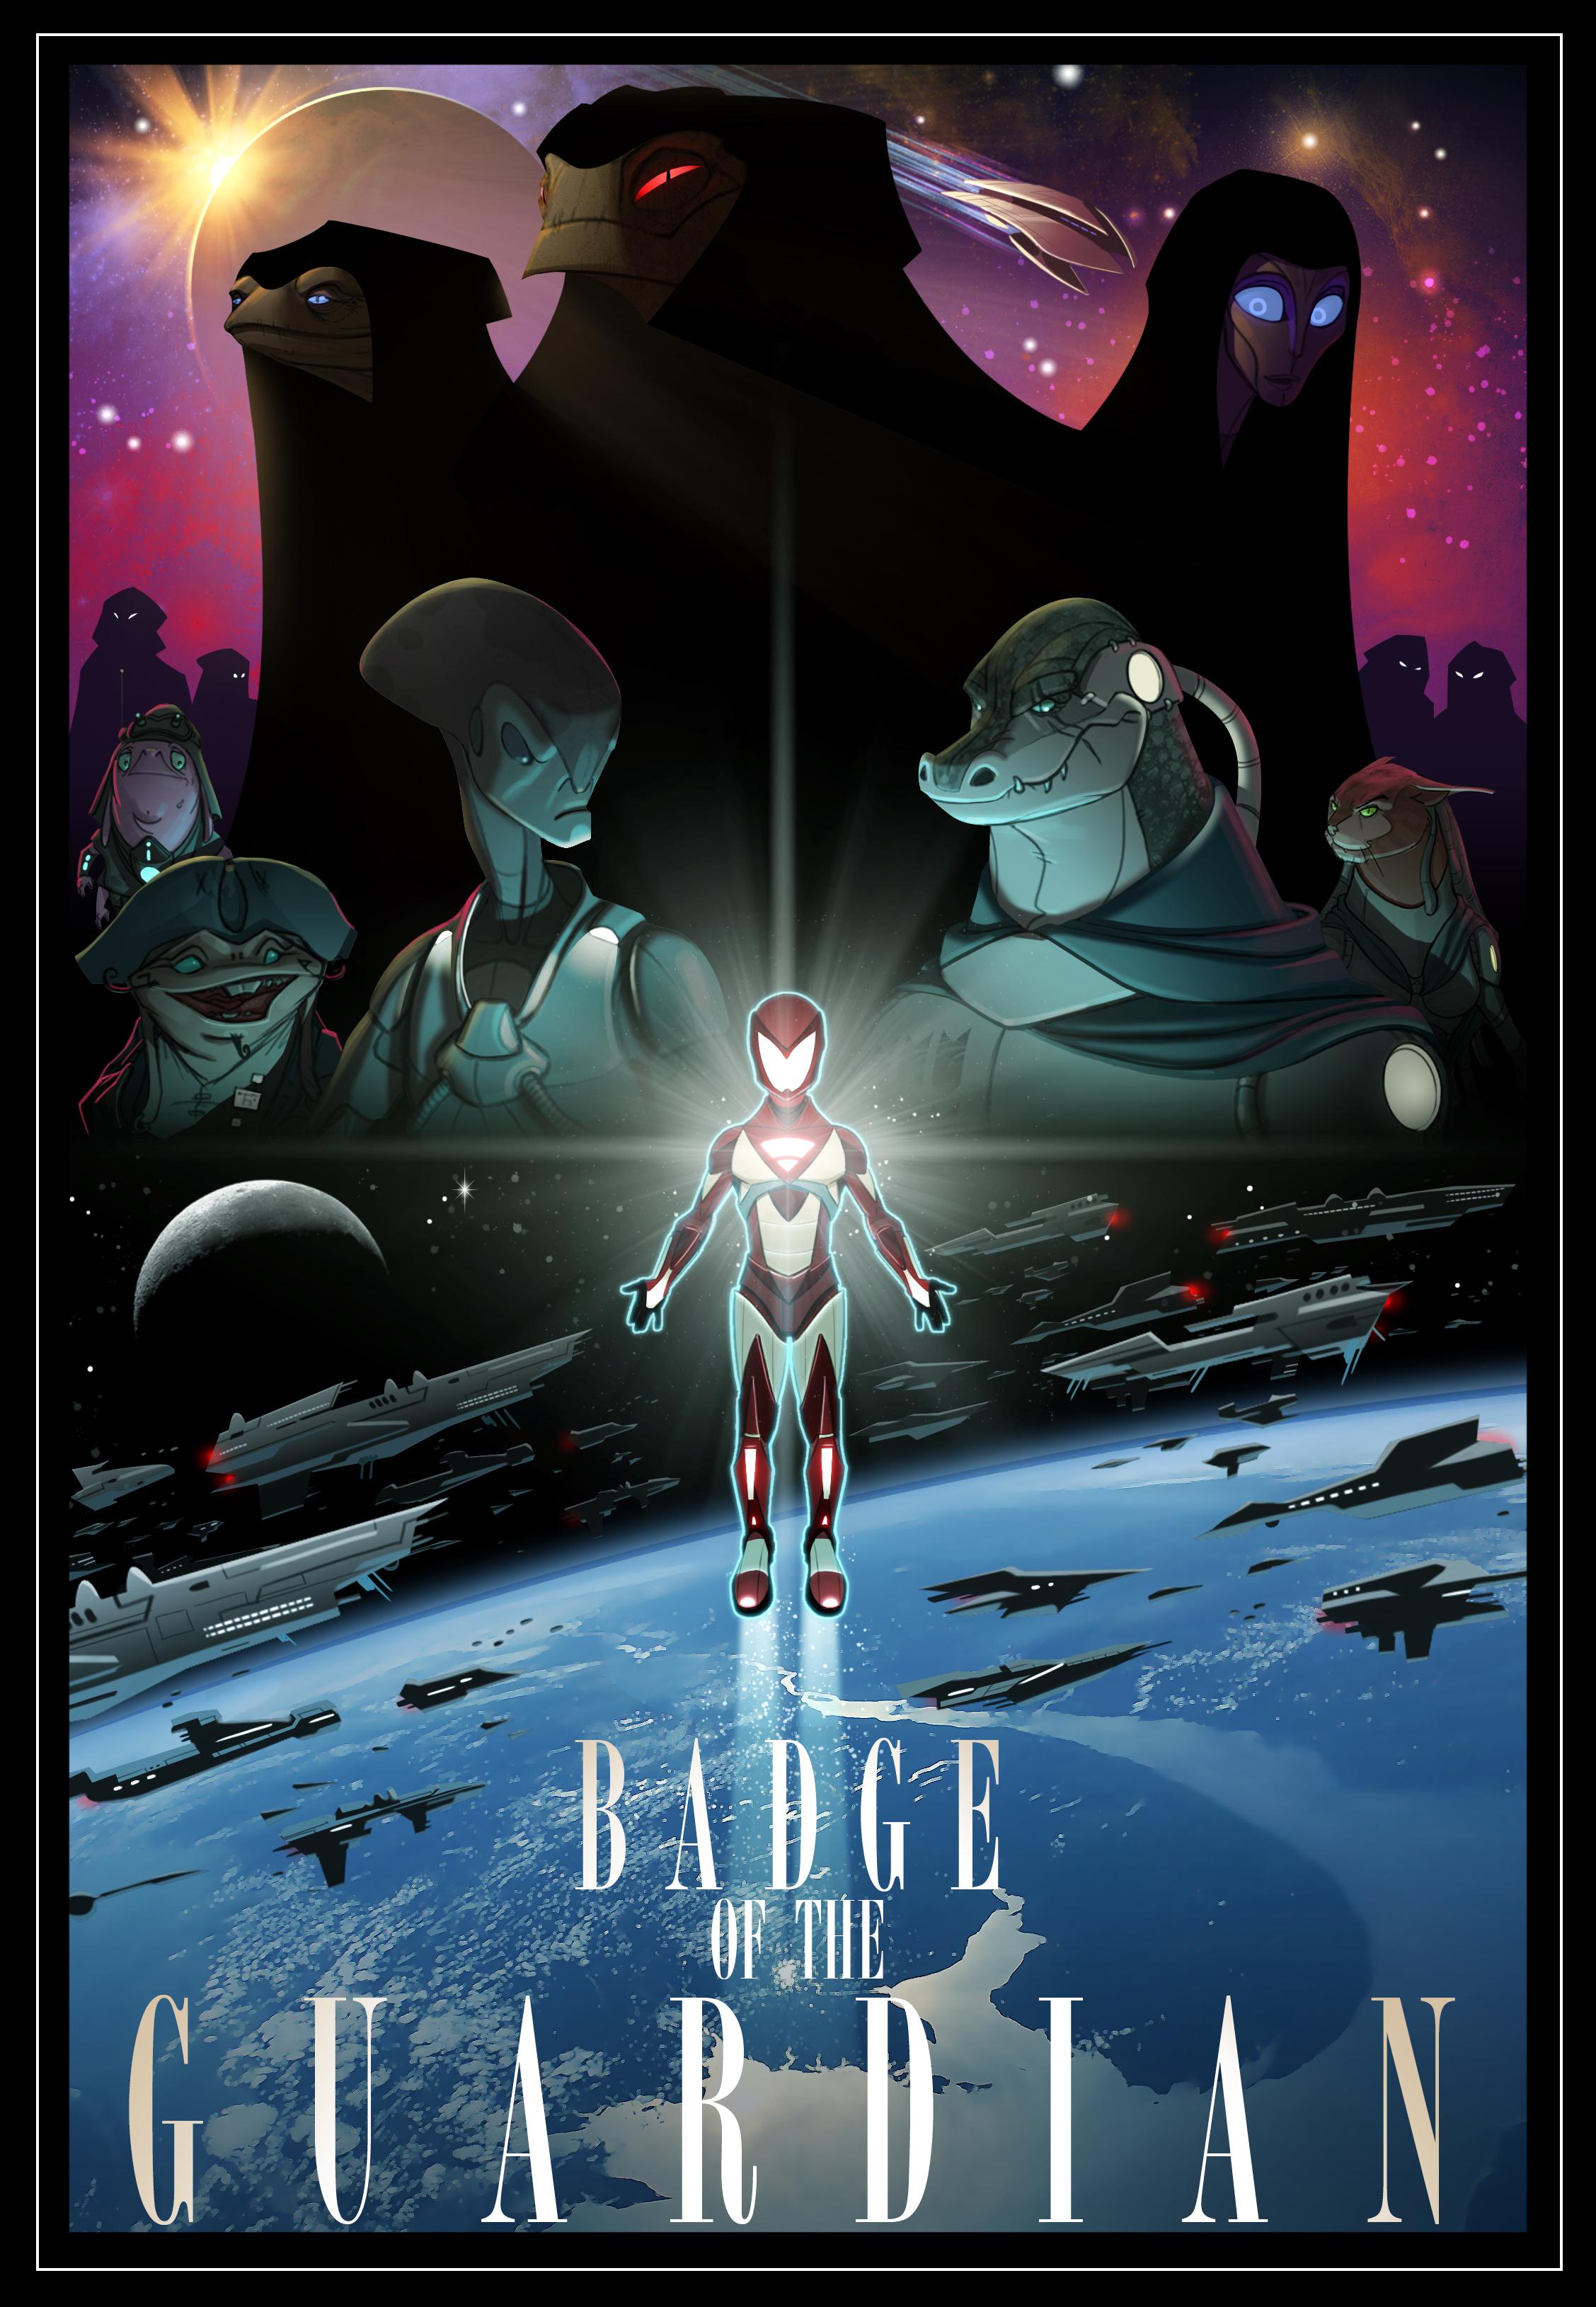 spaceboy_poster_final_v1.jpg